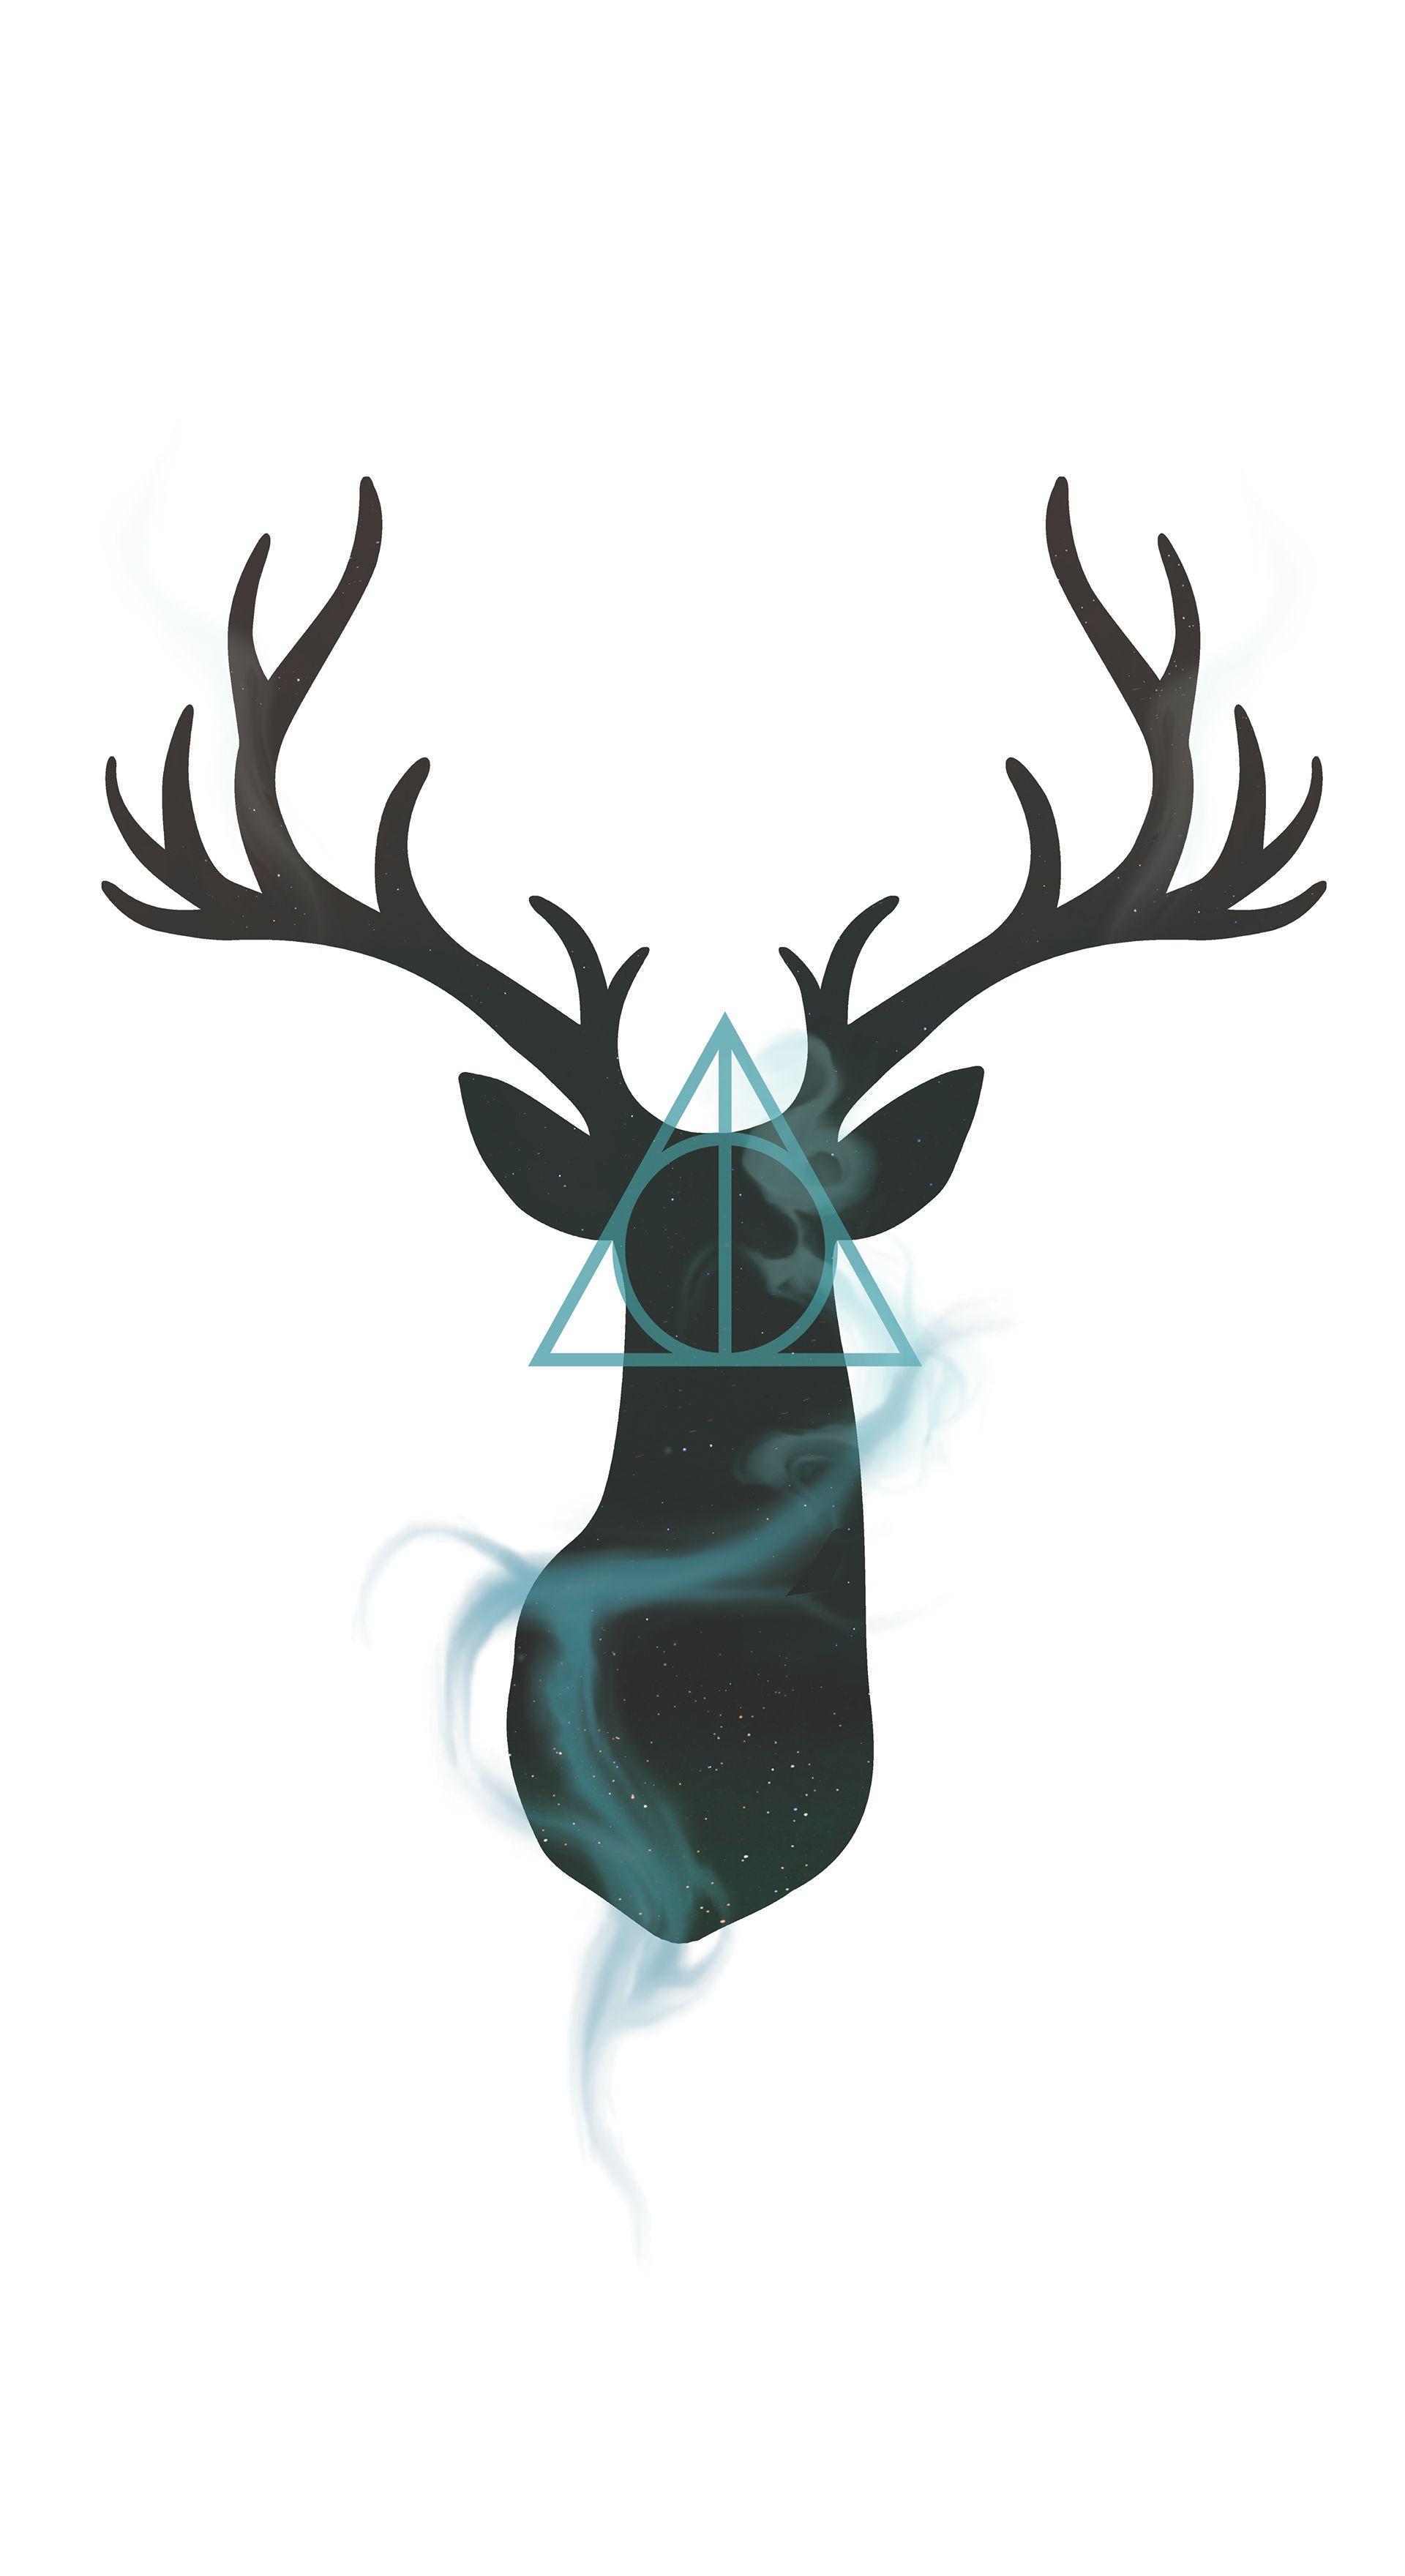 Harry Potter Stag Design image Pinterest